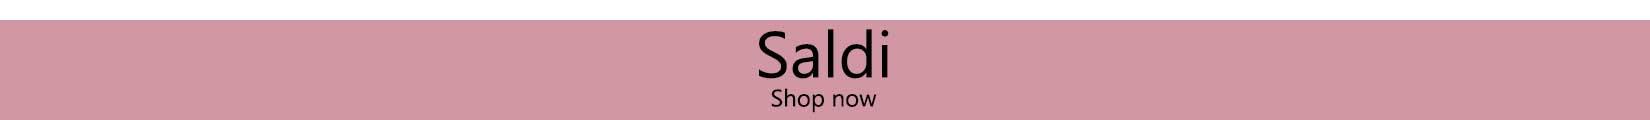 3698_Saldi_020